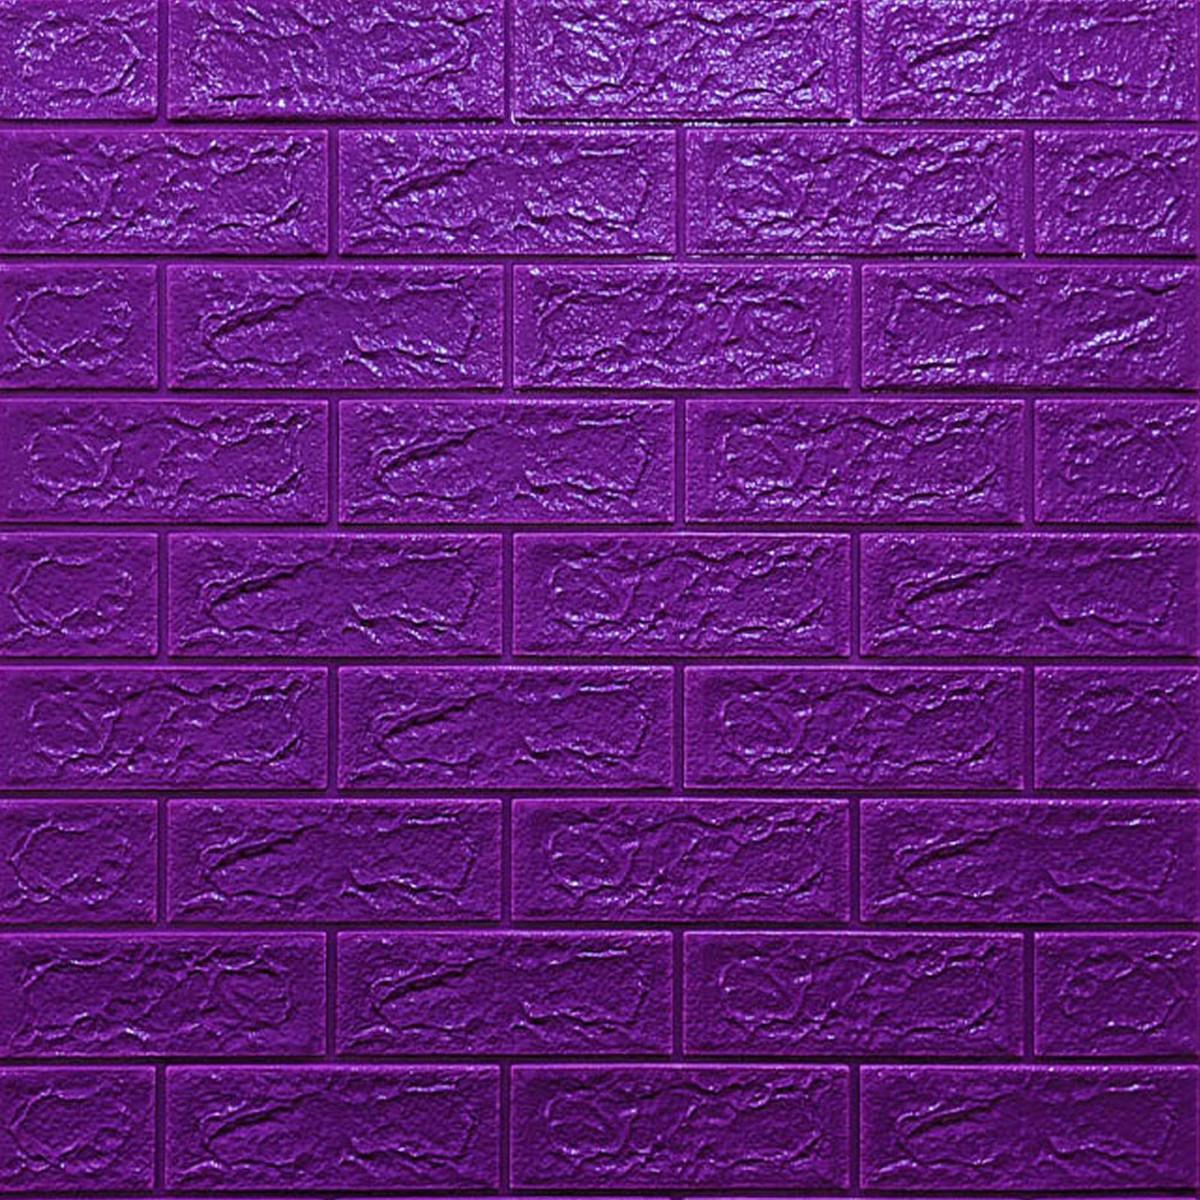 Самоклеющаяся декоративная 3D панель Кирпич Фиолетовый 700x770x5мм (016-5)